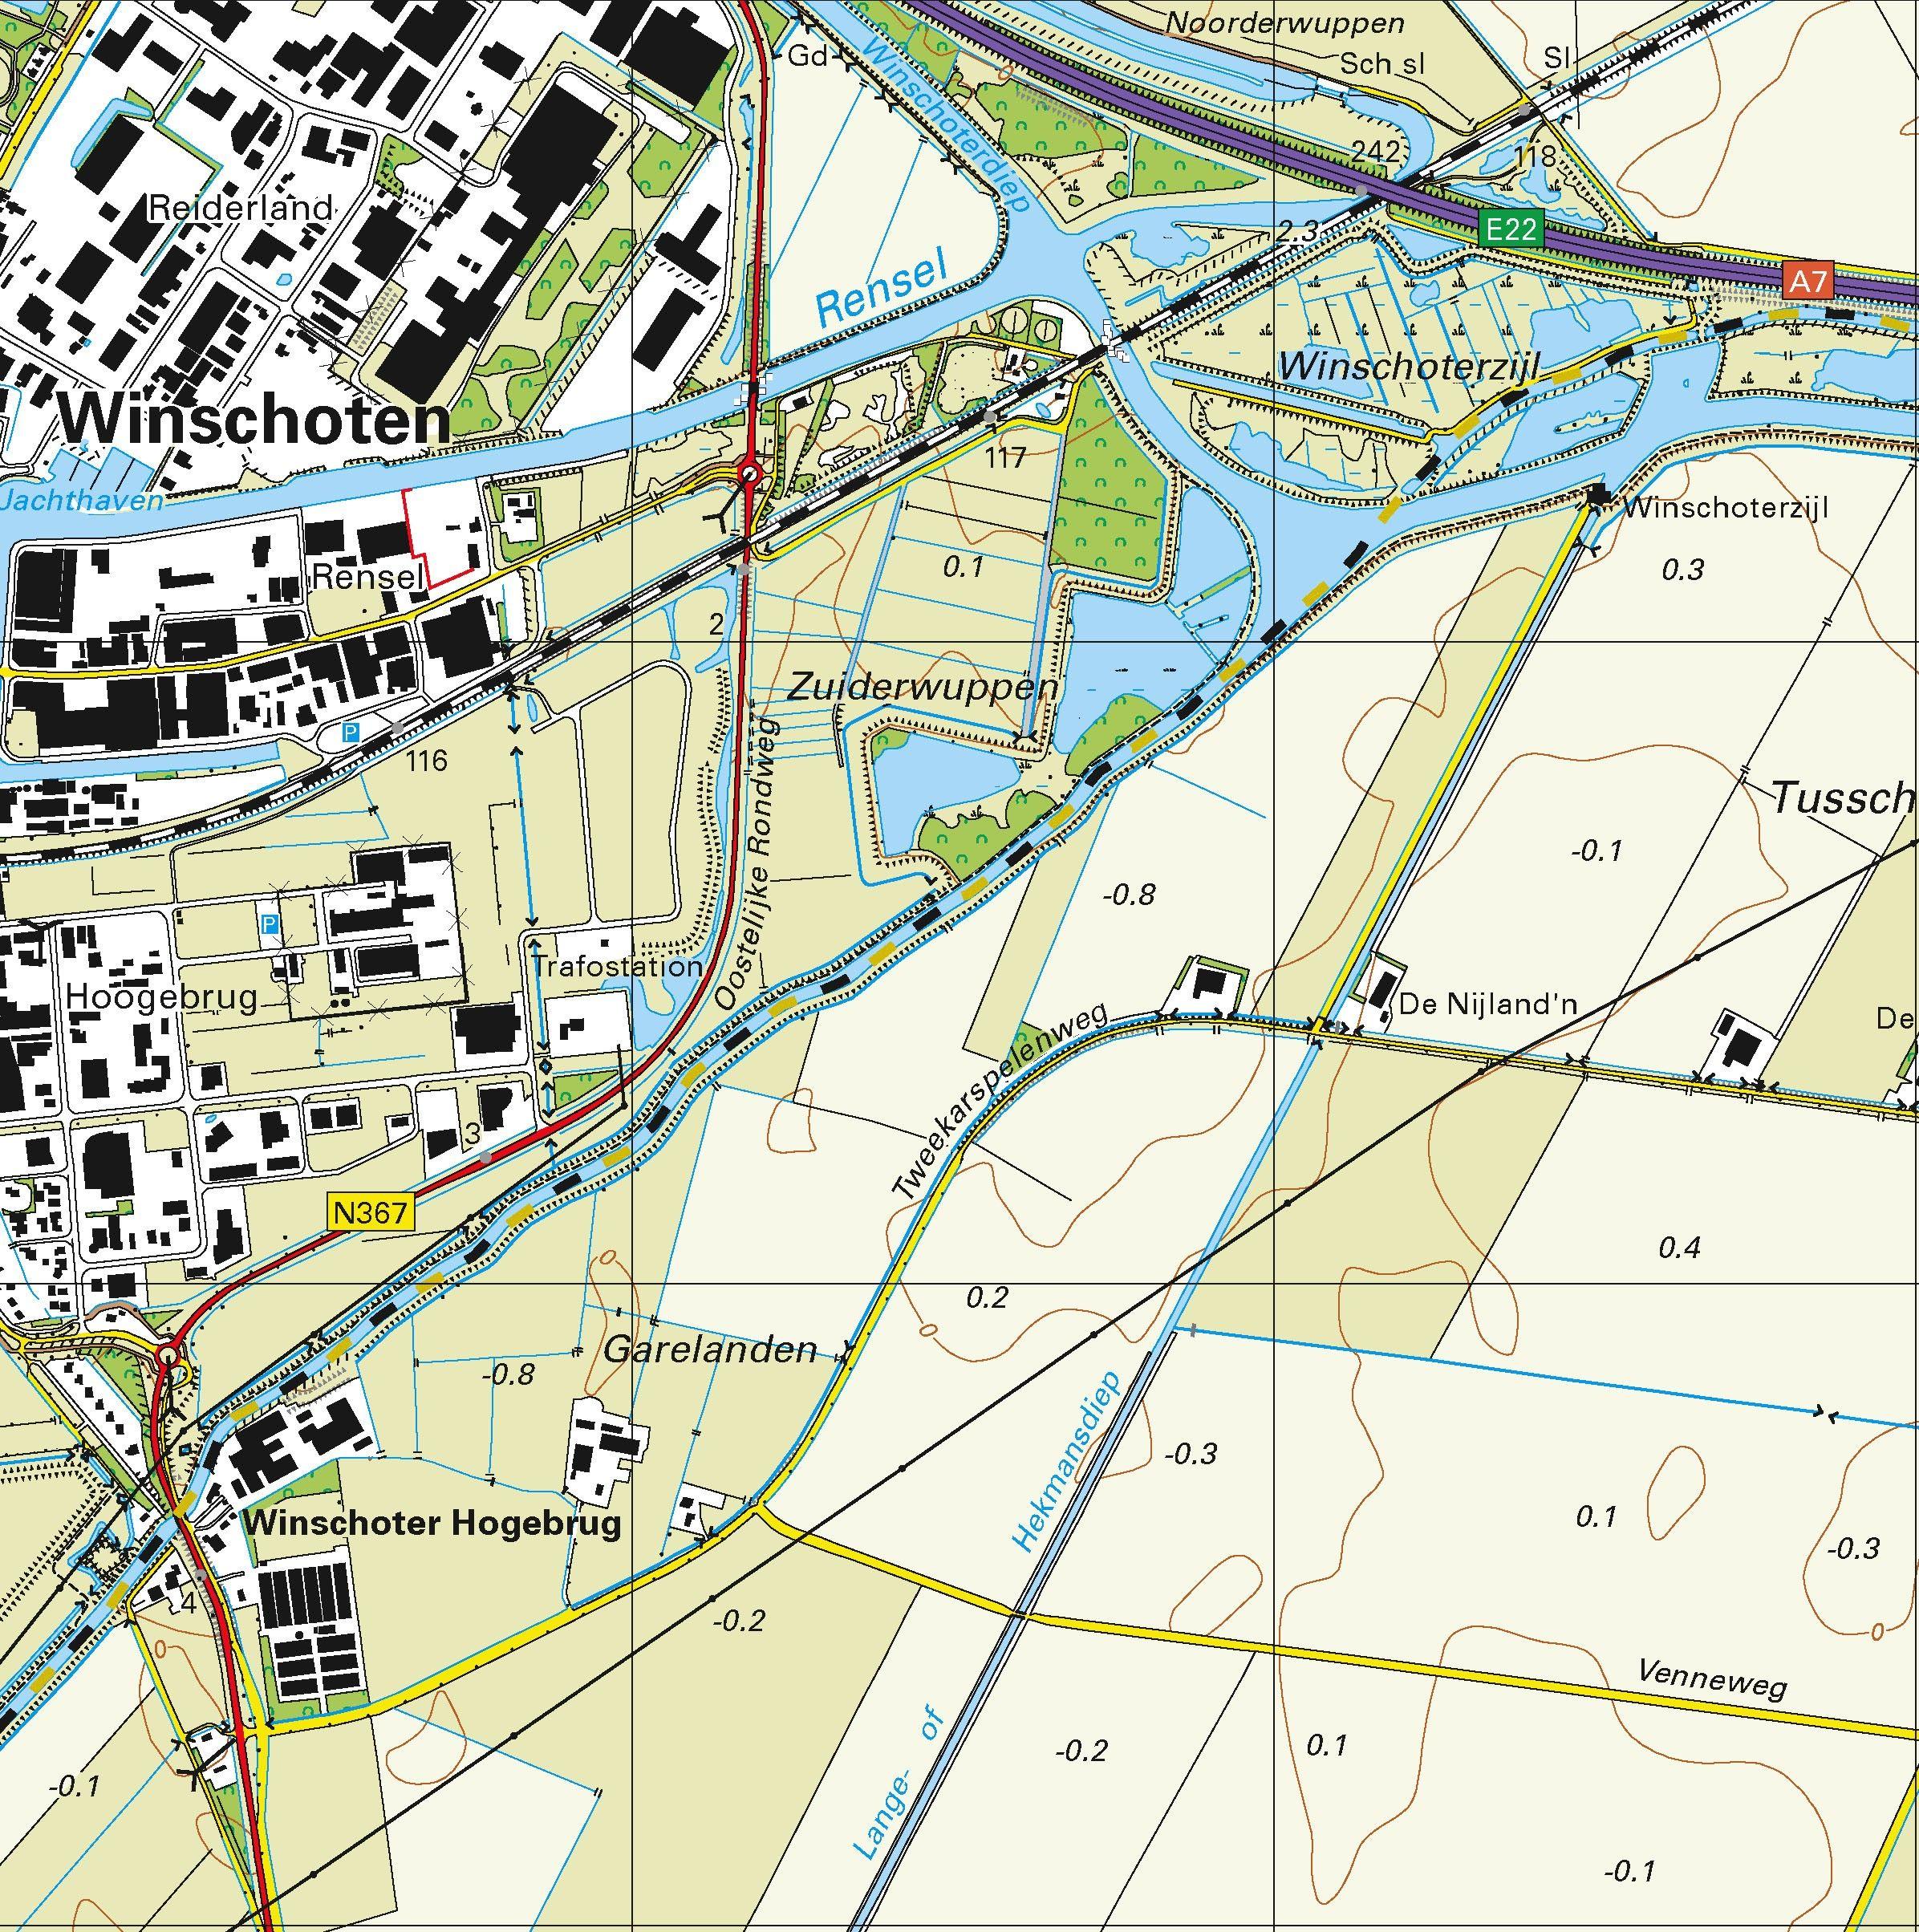 Topografische kaart schaal 1:25.000 (Scheemda, Winschoten, Nieuweschans, Blijham, Oude-Pekela)